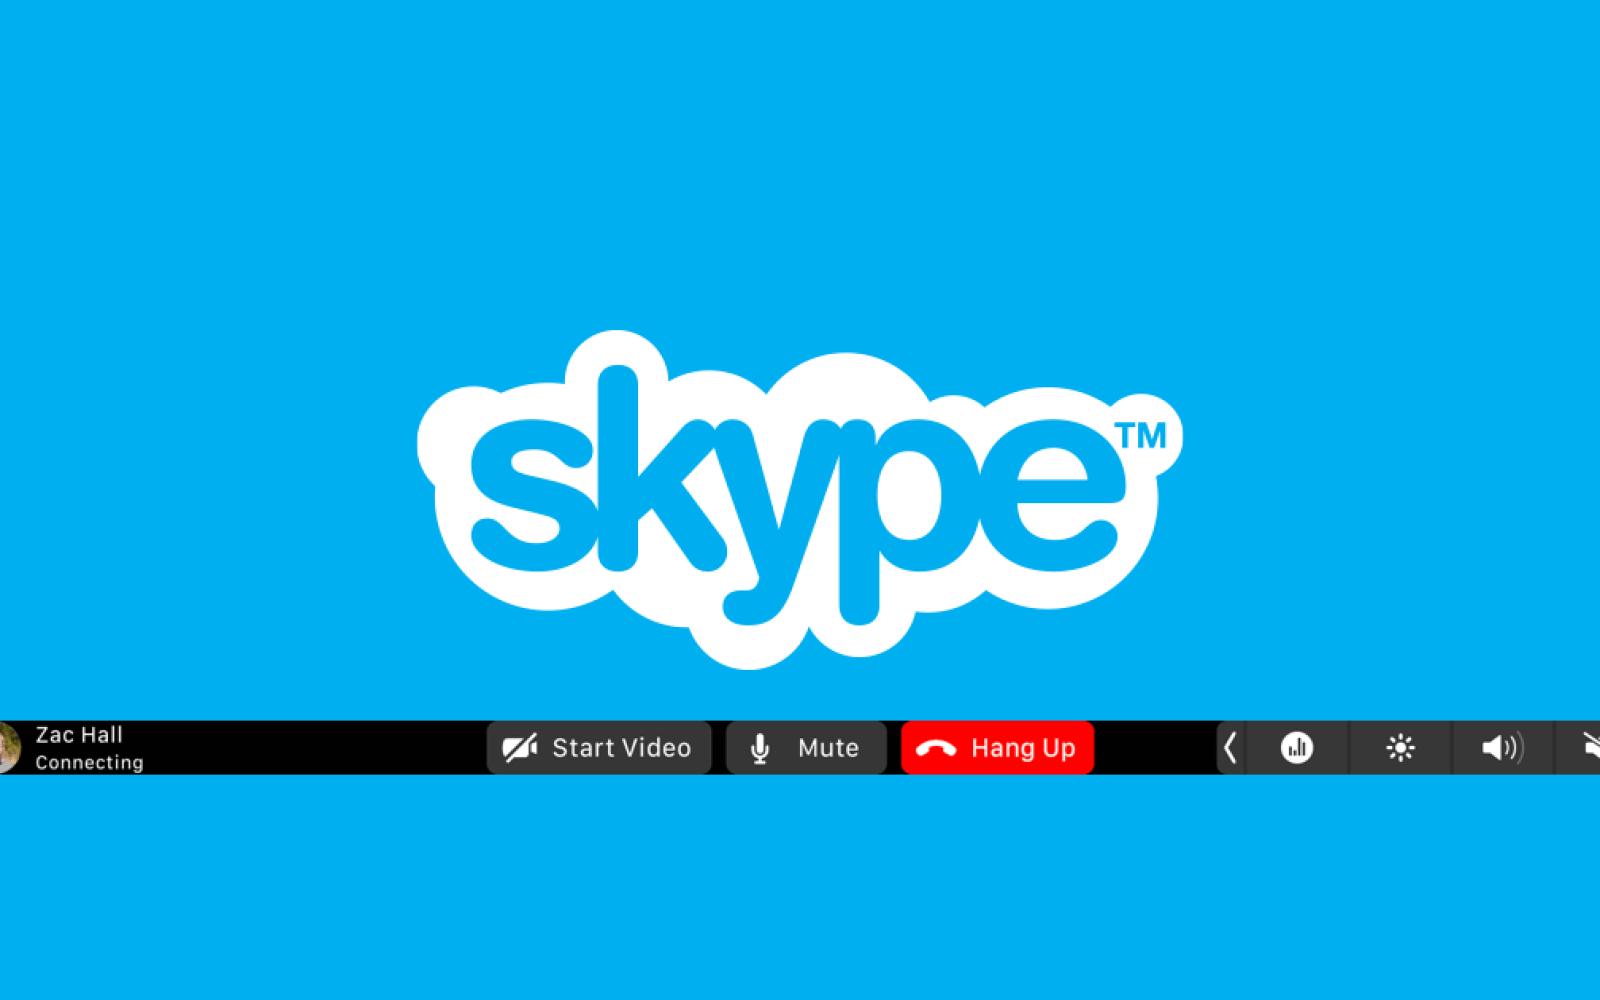 skype download apple macbook air